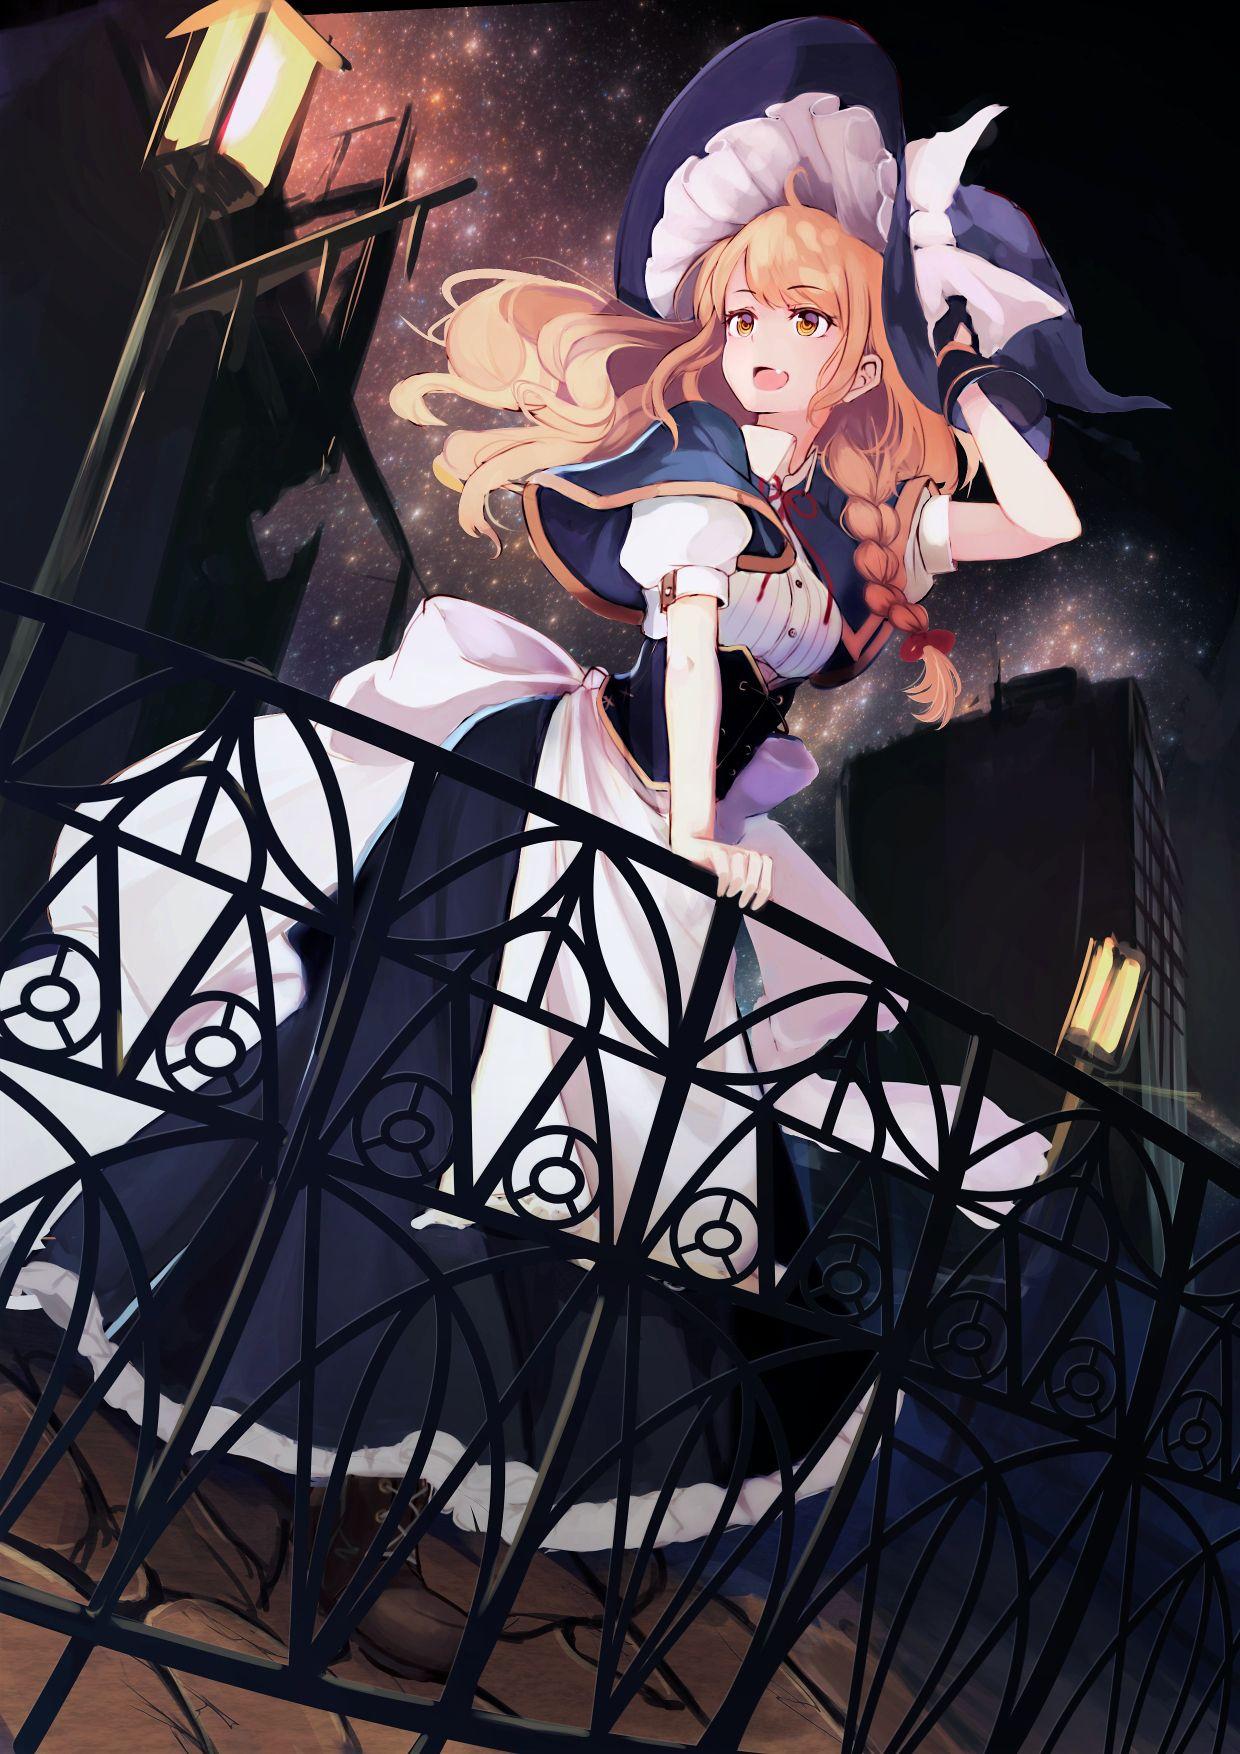 Kirisame marisa kawaii anime manga art manga anime anime art